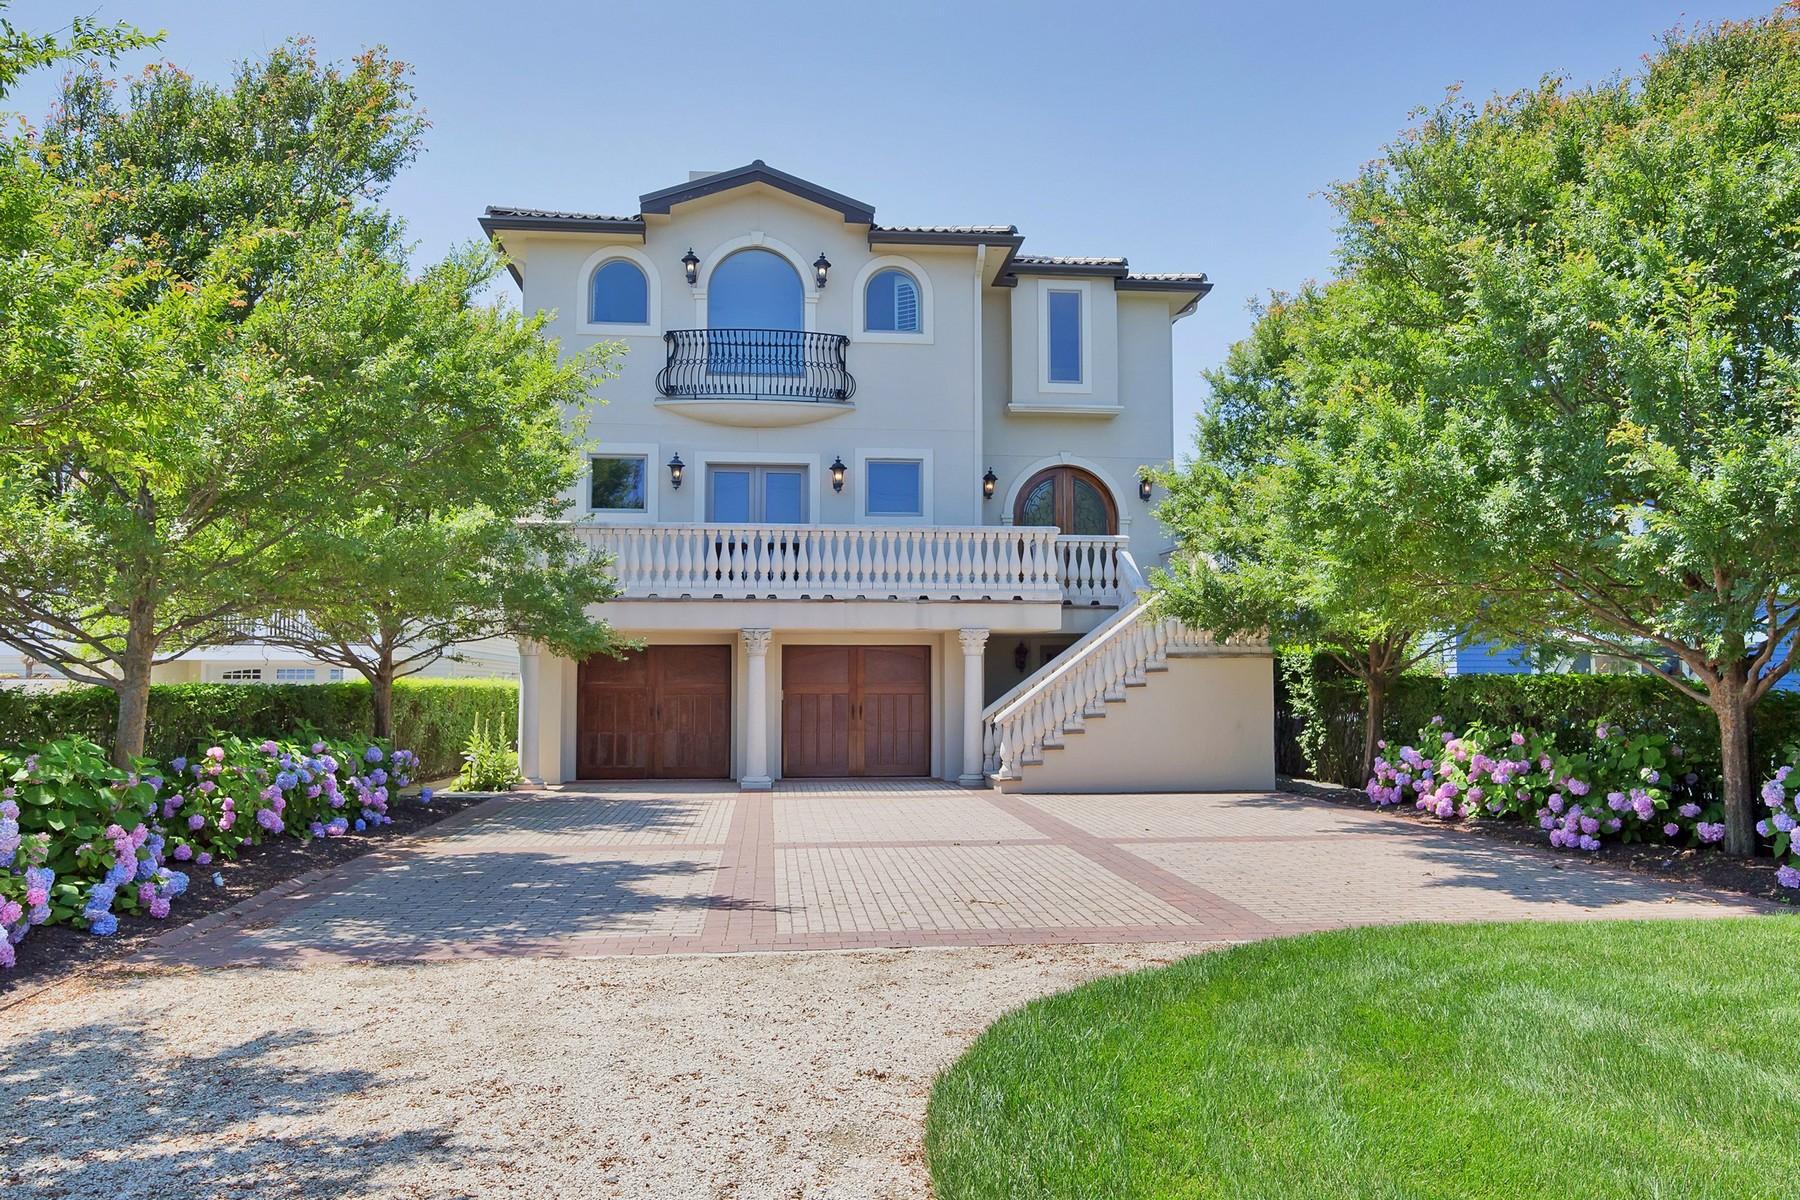 一戸建て のために 売買 アット 314 Ocean Ave., Sea Bright Sea Bright, ニュージャージー 07760 アメリカ合衆国